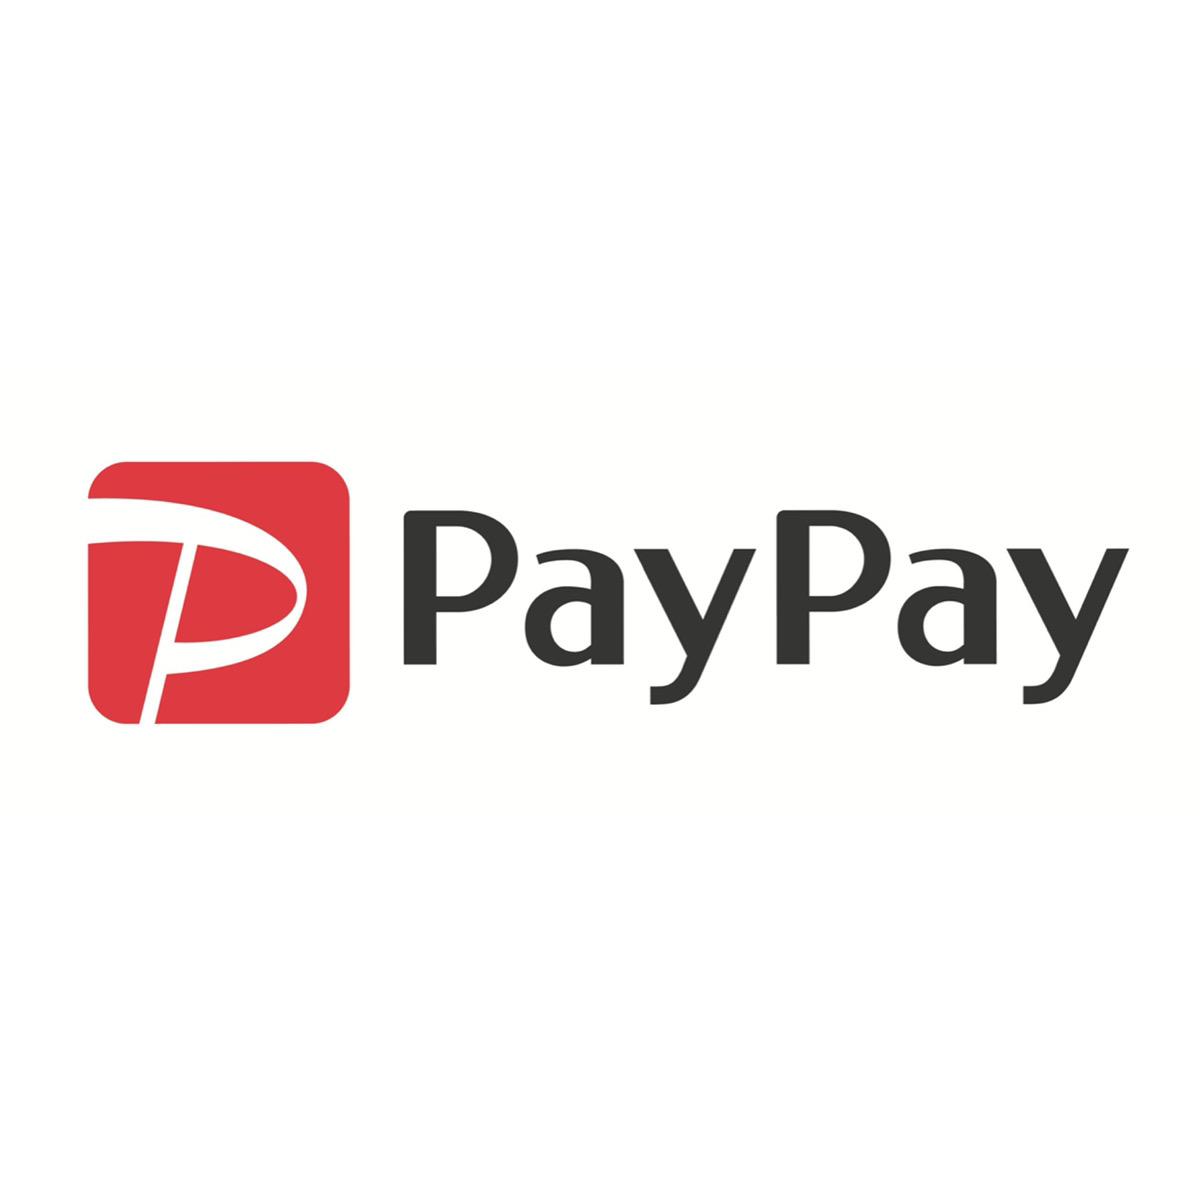 PayPayの使い方を解説!お得利用法からチャージ方法まで、初心者でも分かりやすく紹介